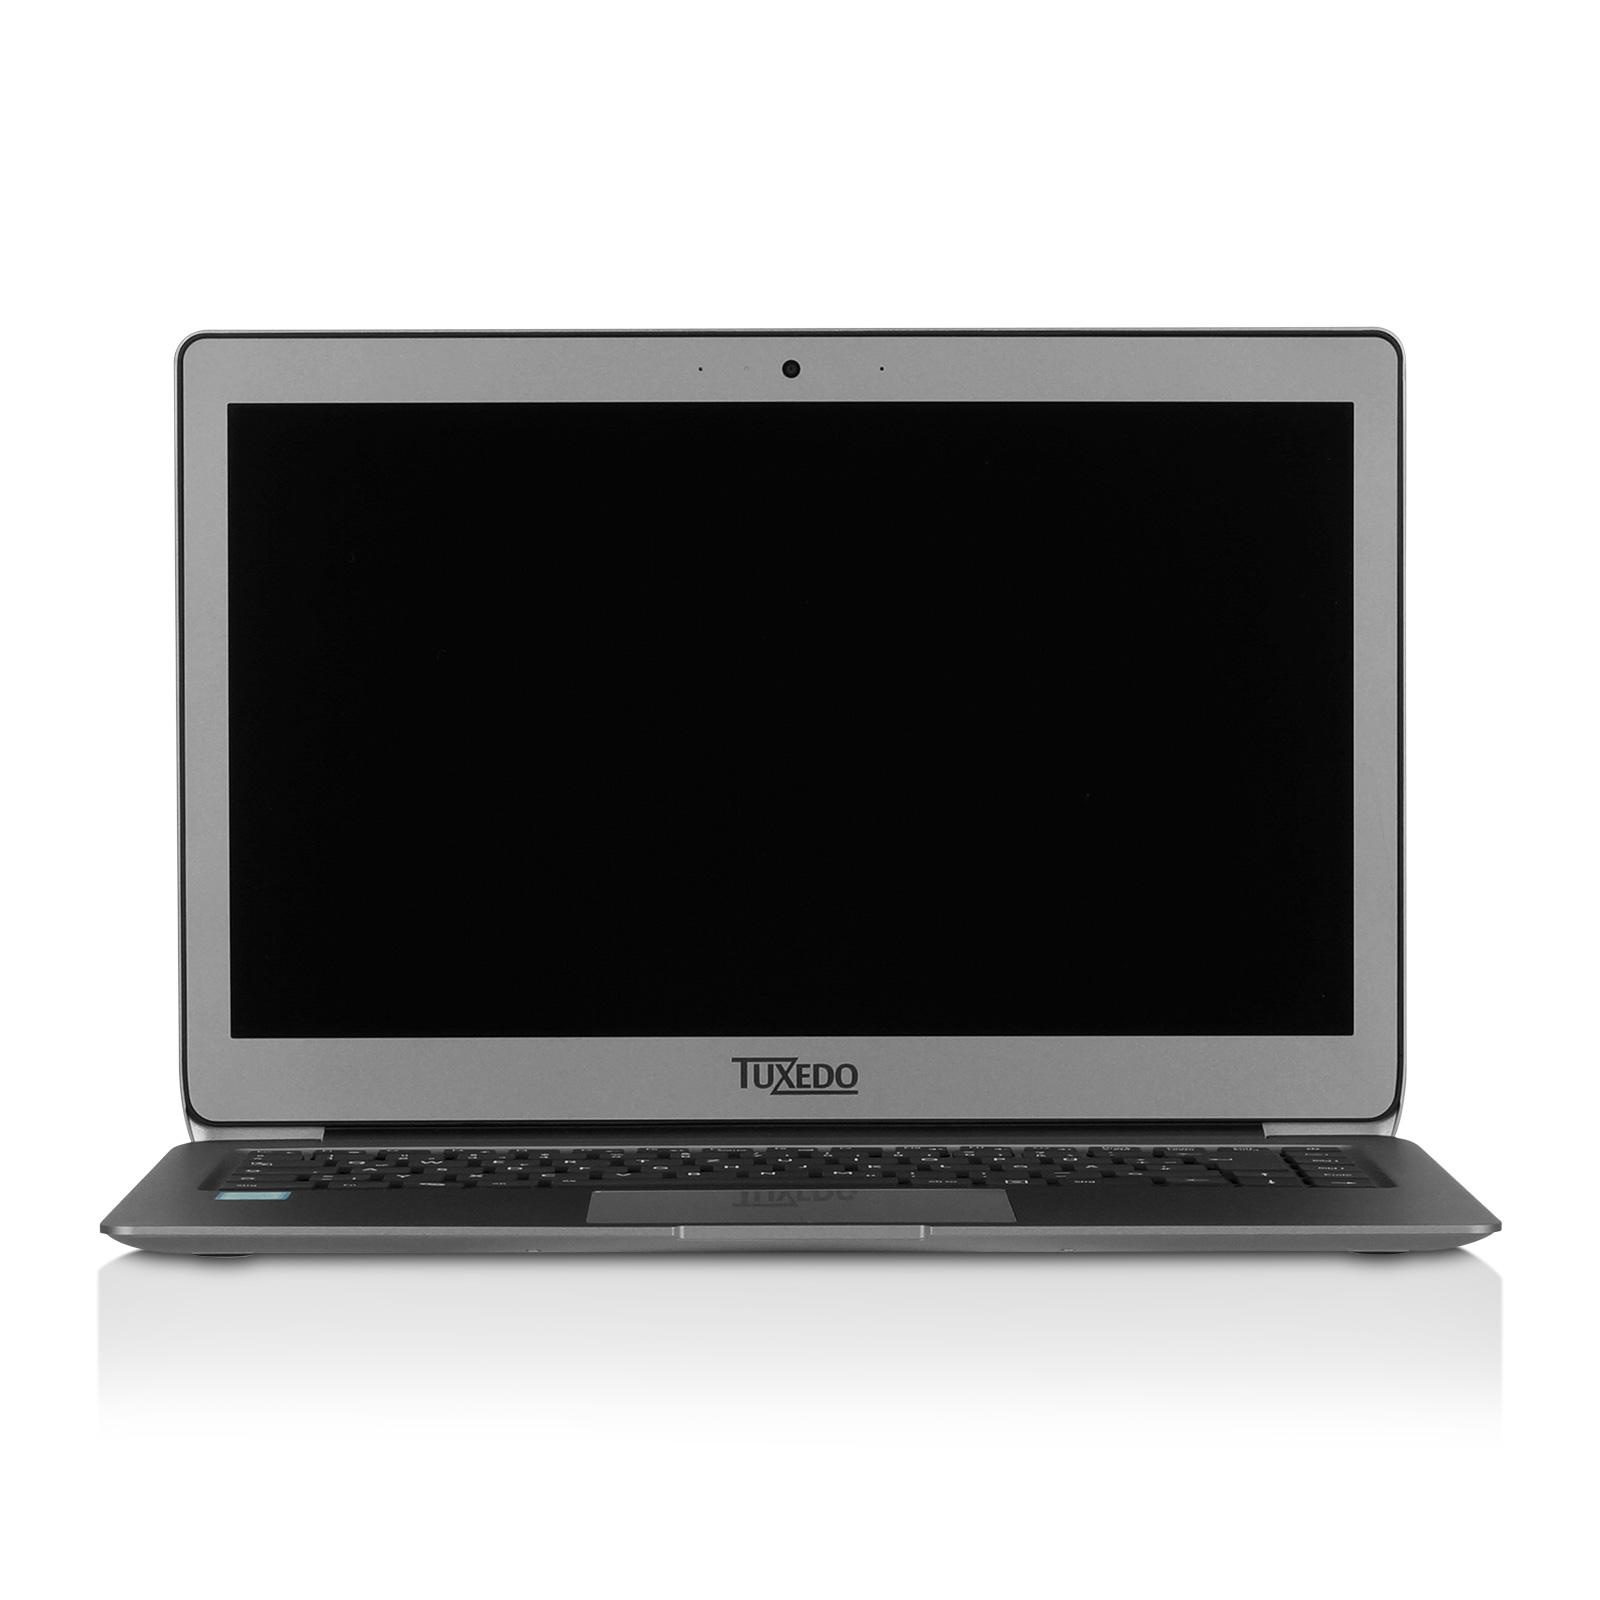 TUXEDO InfinityBook 14 - 14 Zoll matt Full-HD IPS + Aluminiumgehäuse ...